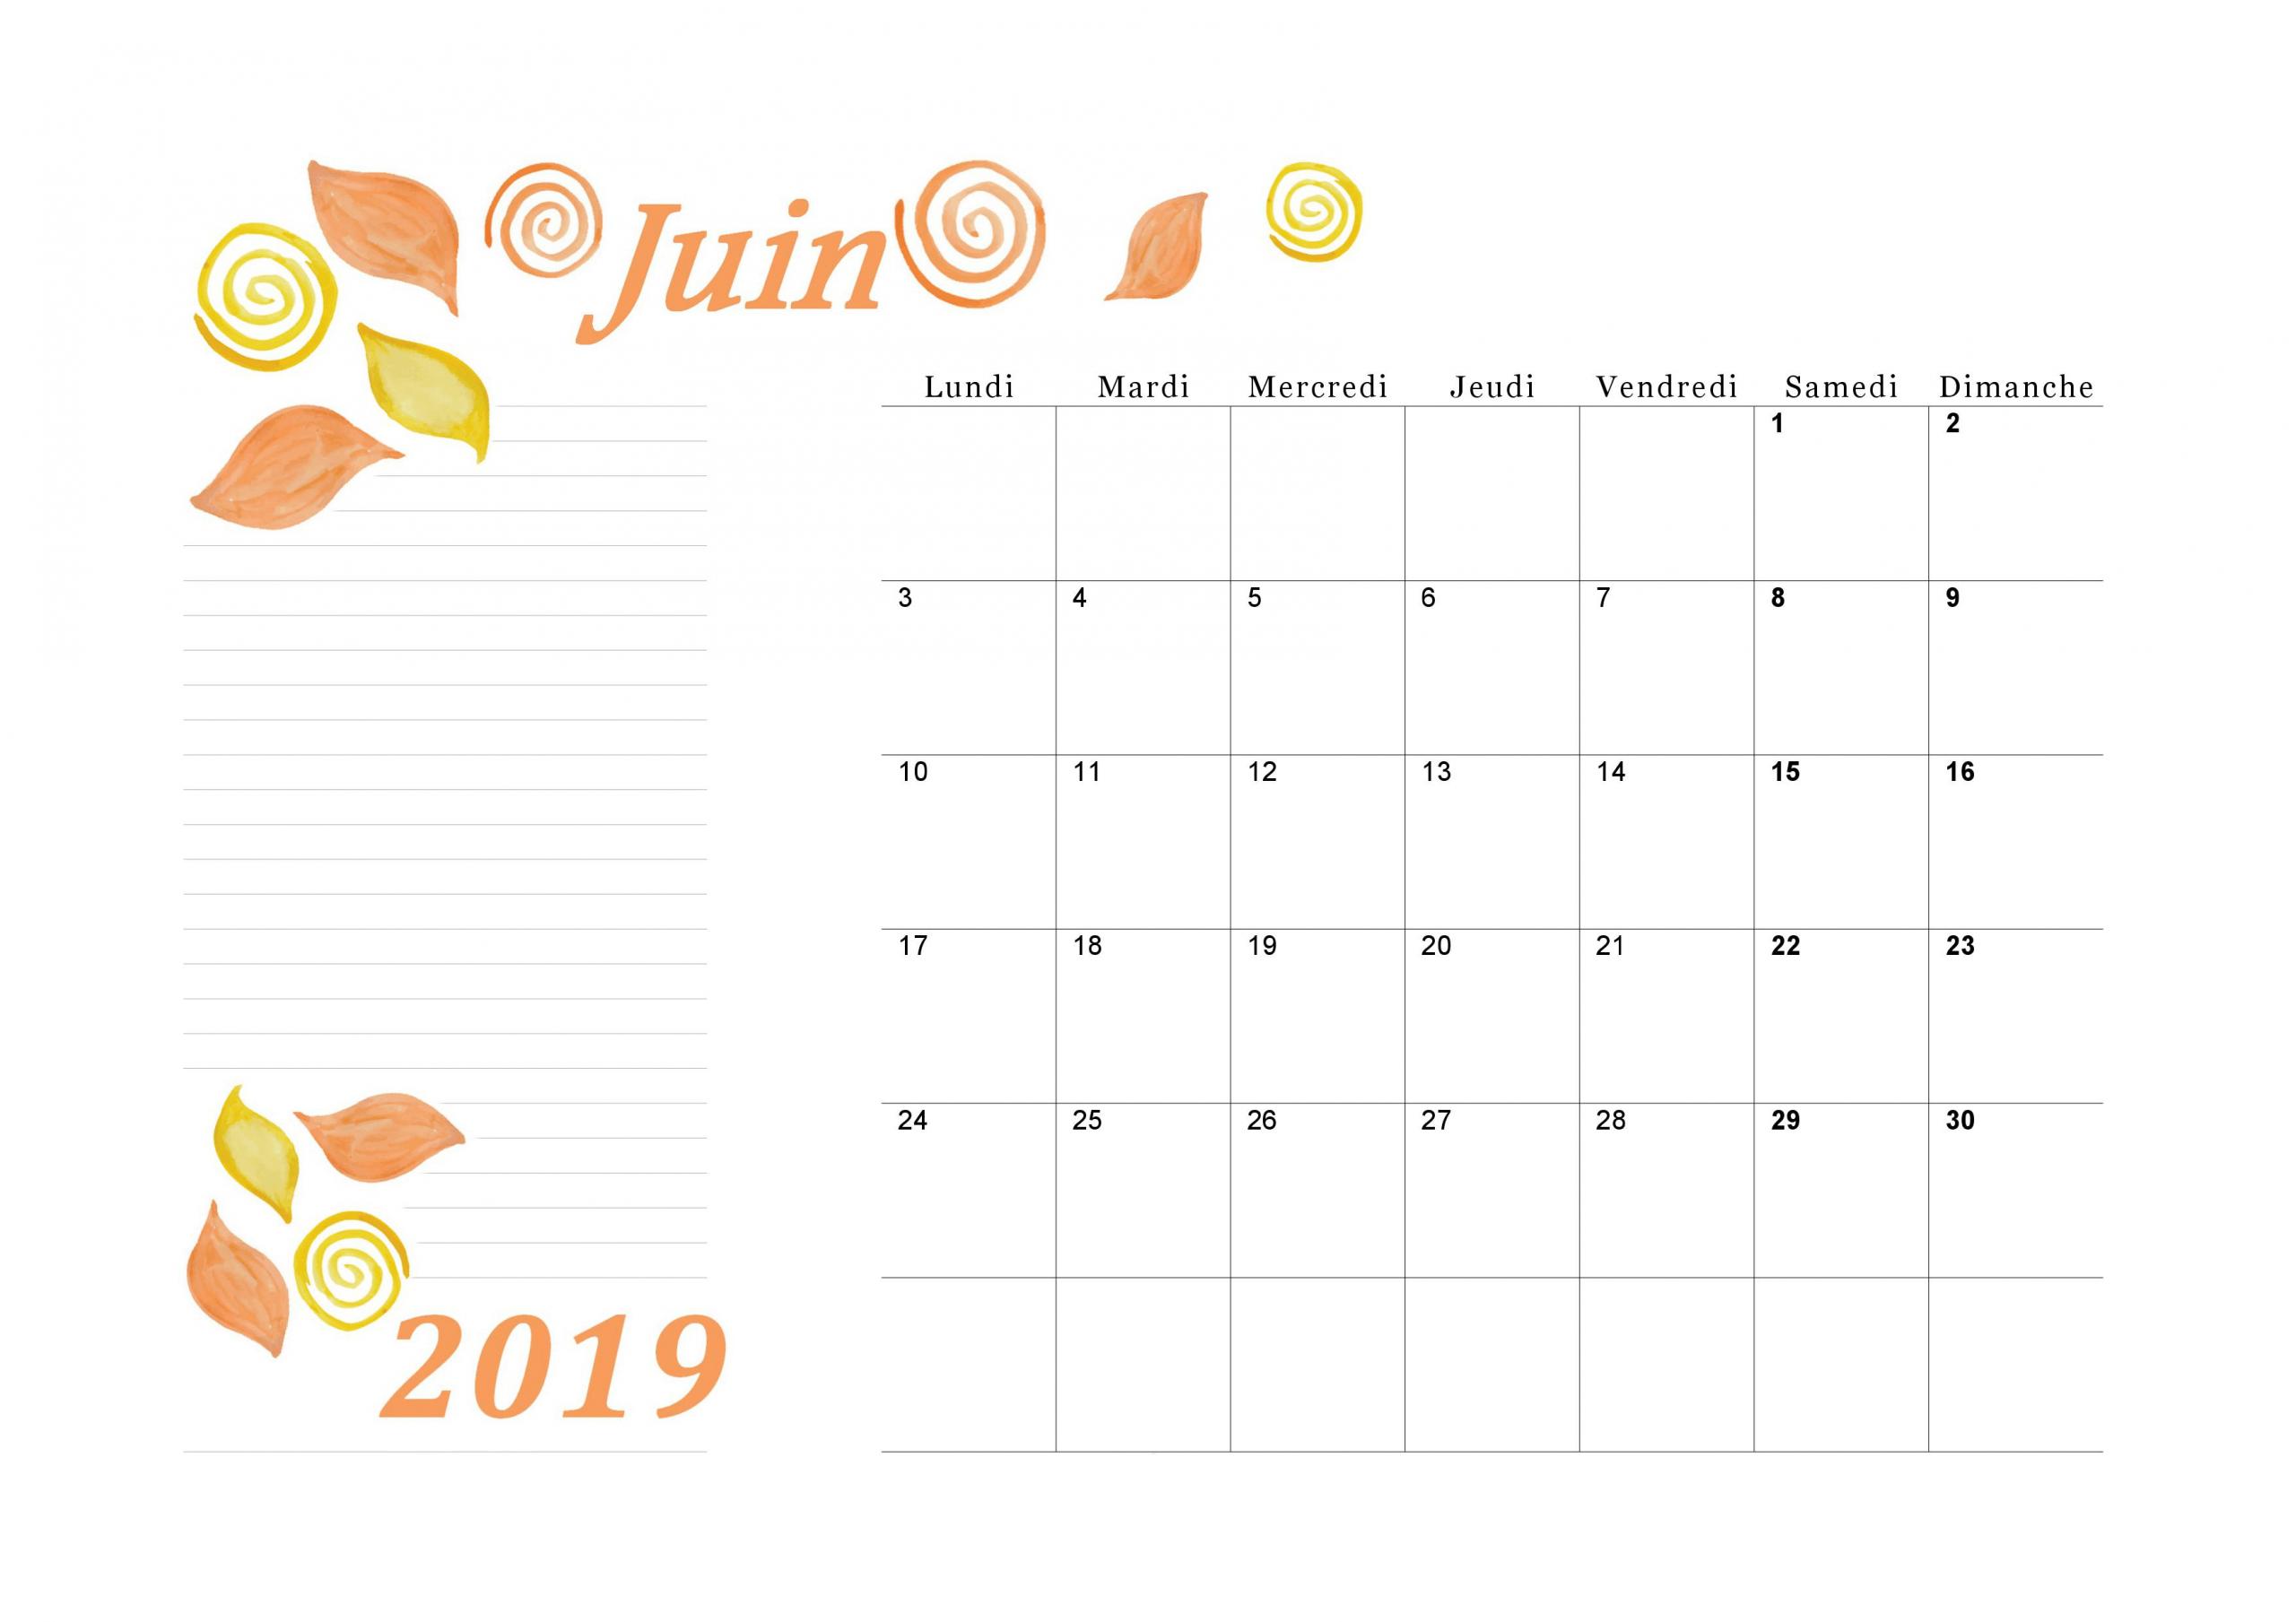 Calendrier Mensuel 2019 Du Mois De Juin À Imprimer encequiconcerne Mots Coupés À Imprimer